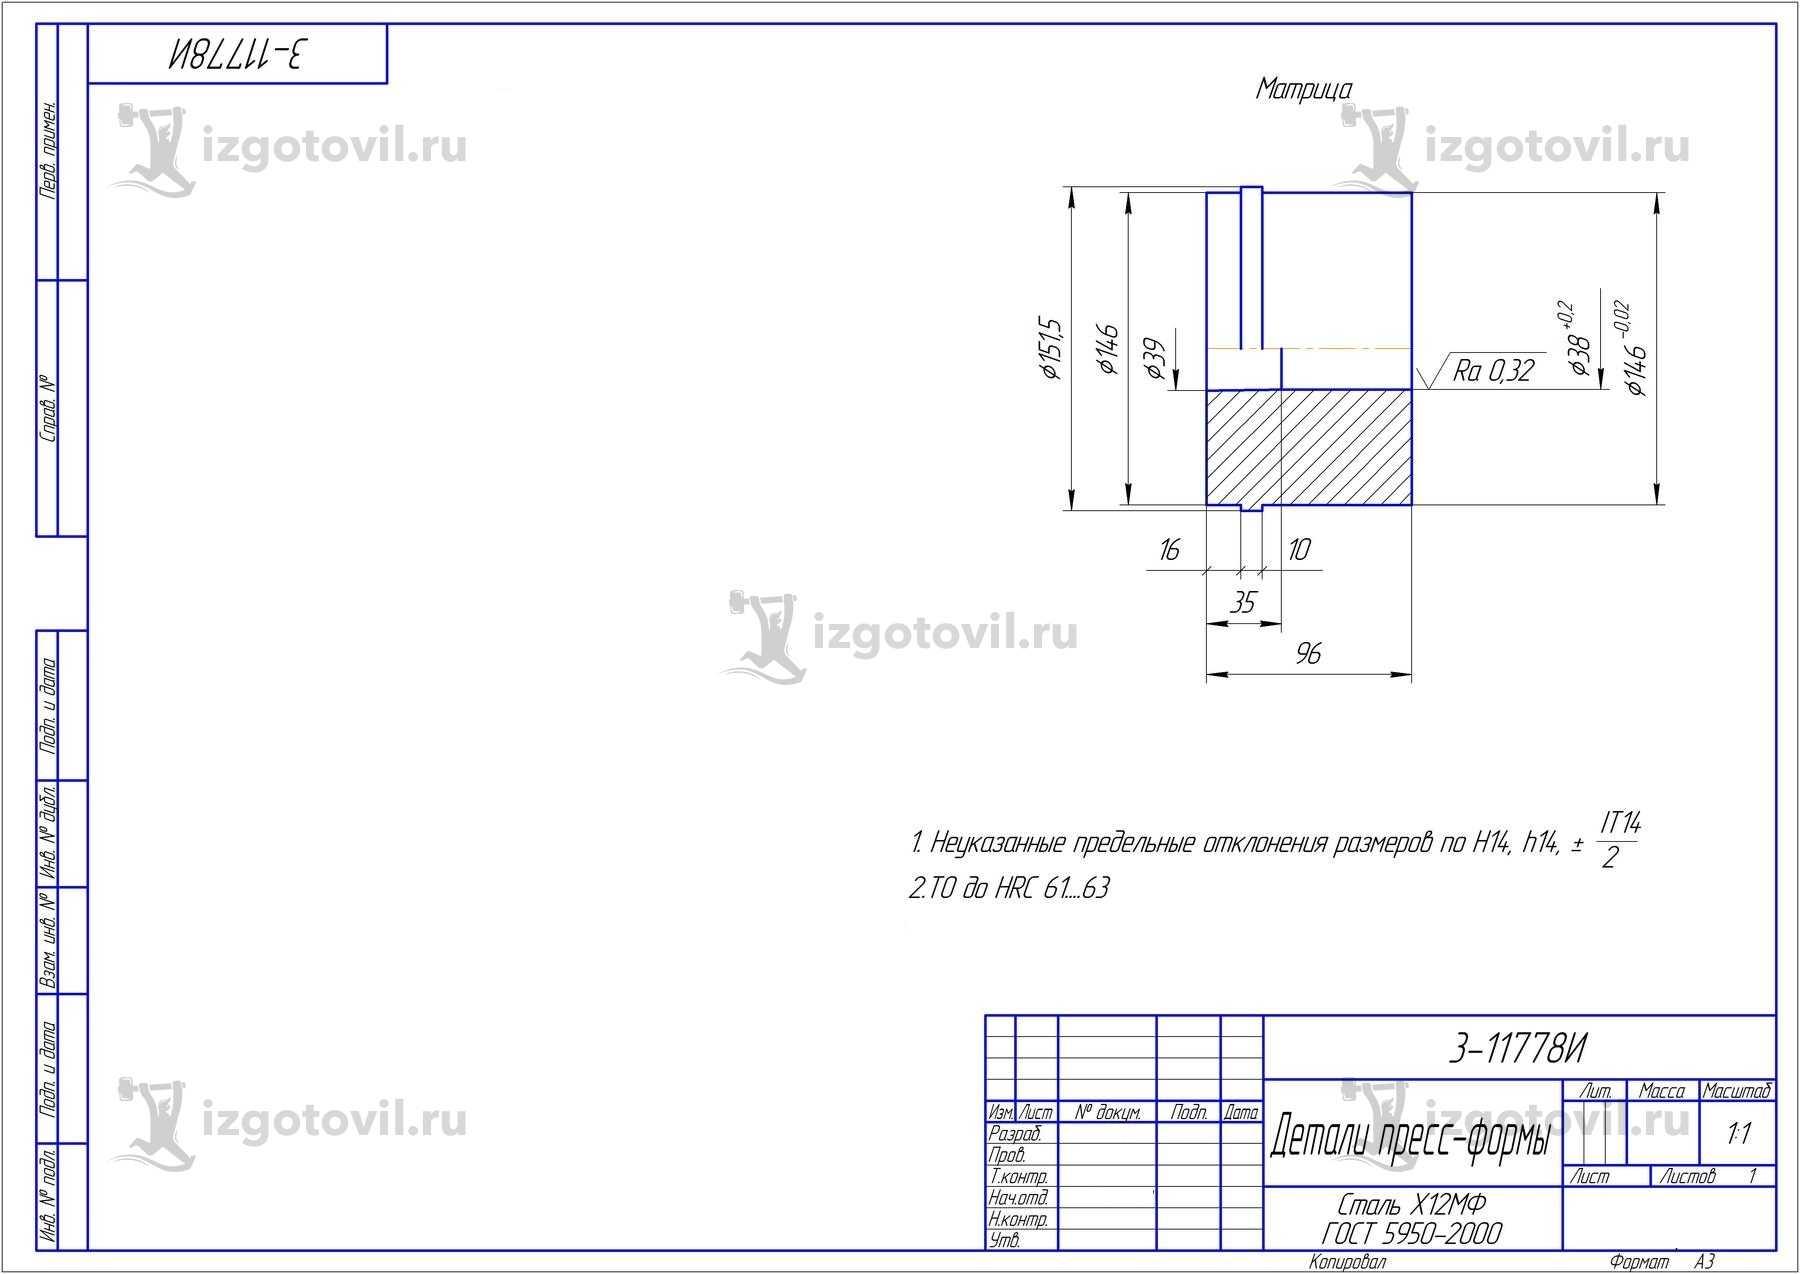 Токарная обработка деталей: изготовление мартицы, пуансона и выталкивателя